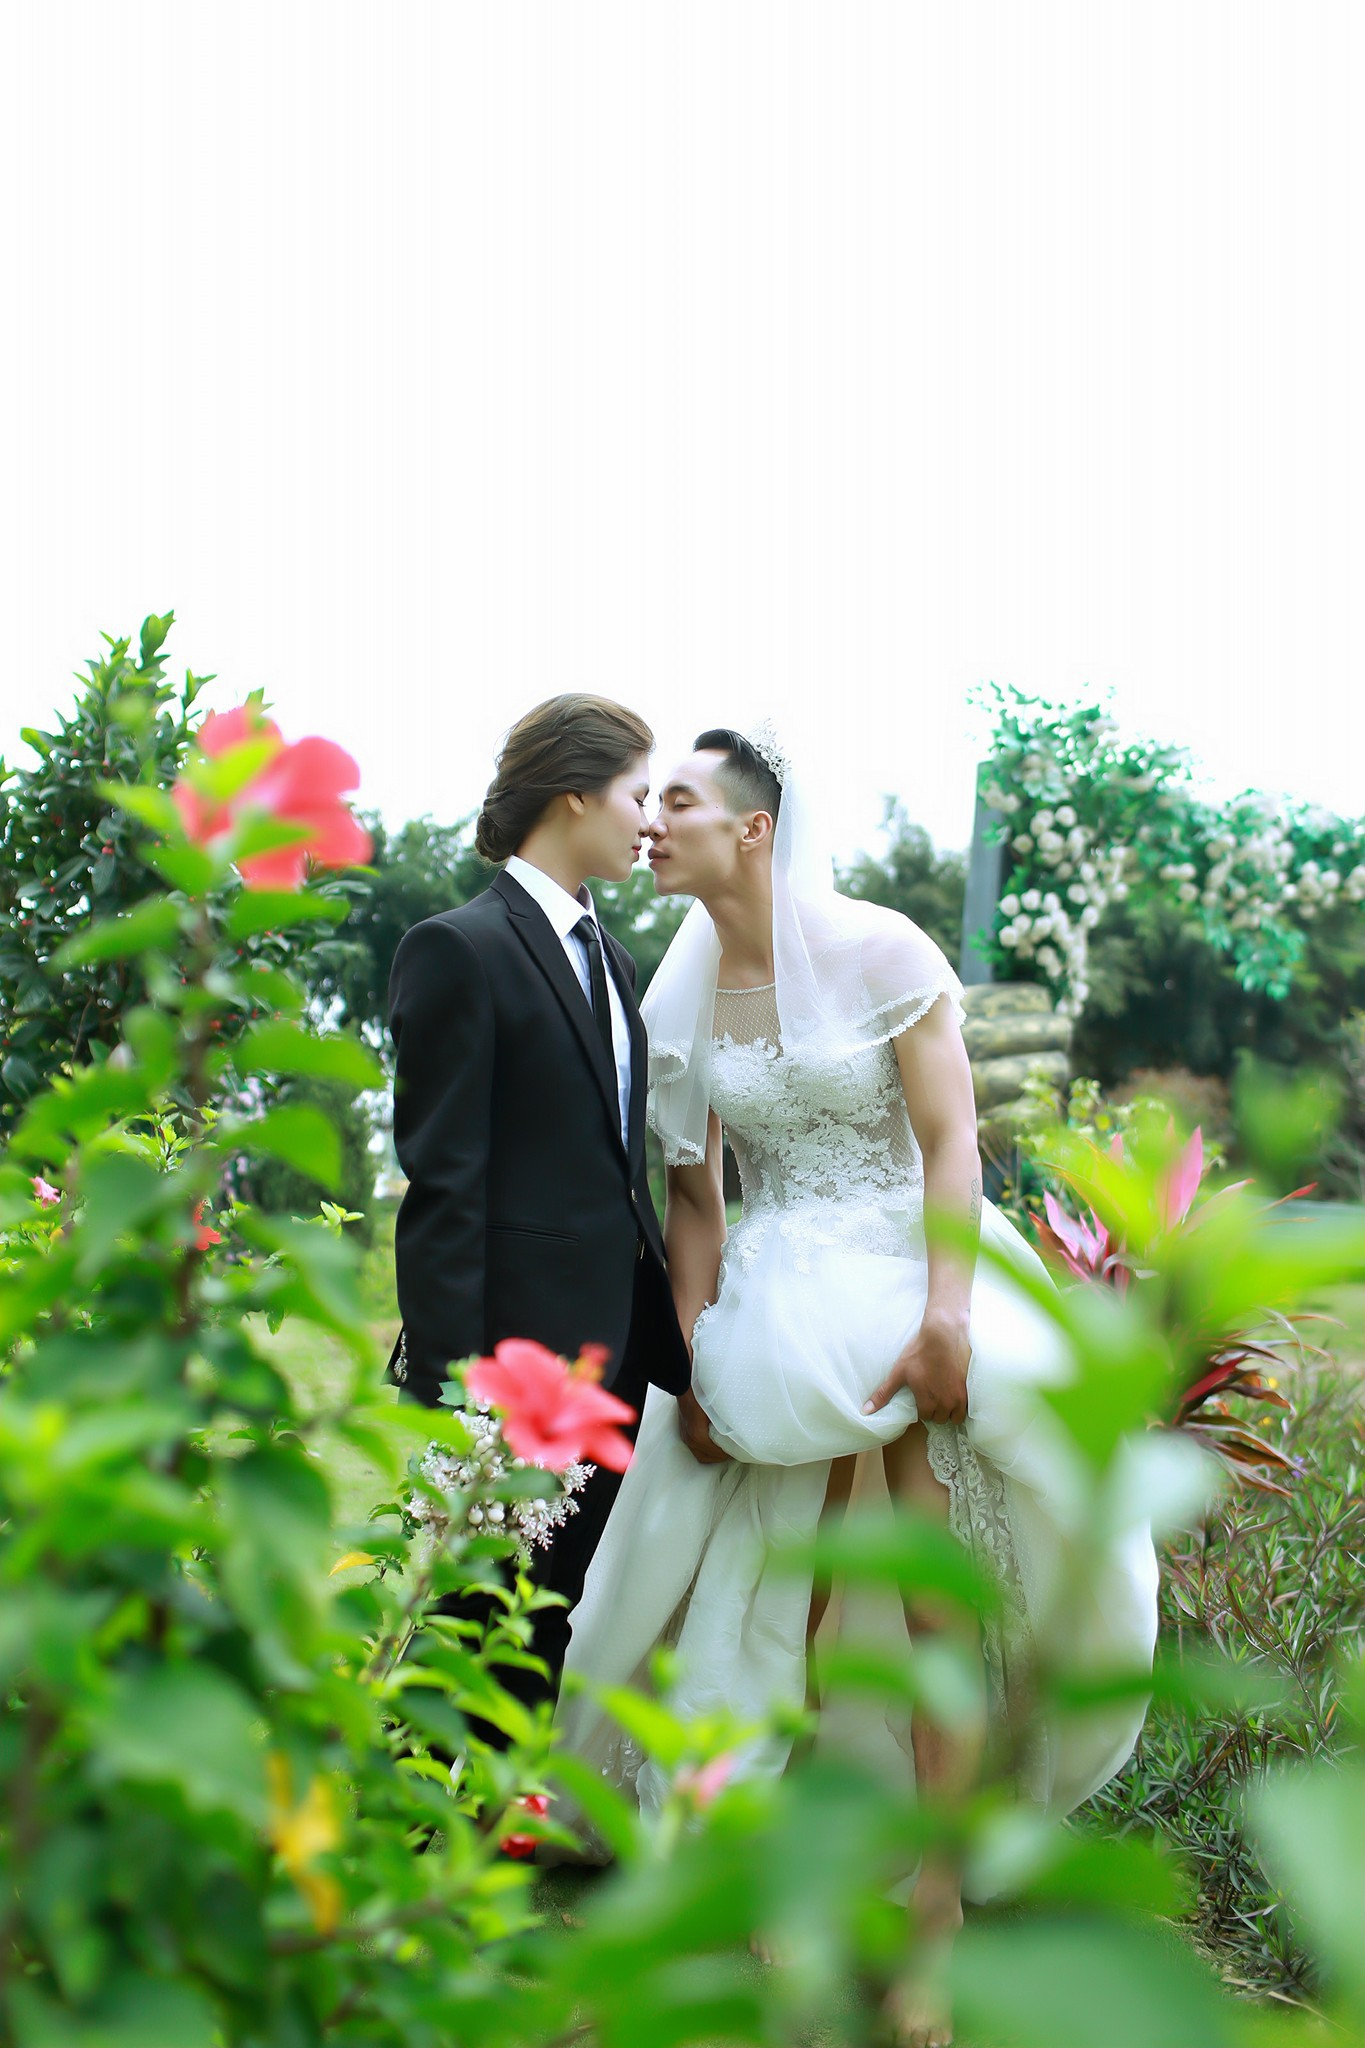 Một bạn khác không ngại ngần khoe chồng mình trong bộ váy cưới lên mạng xã hội. Nguồn: Lan Phạm